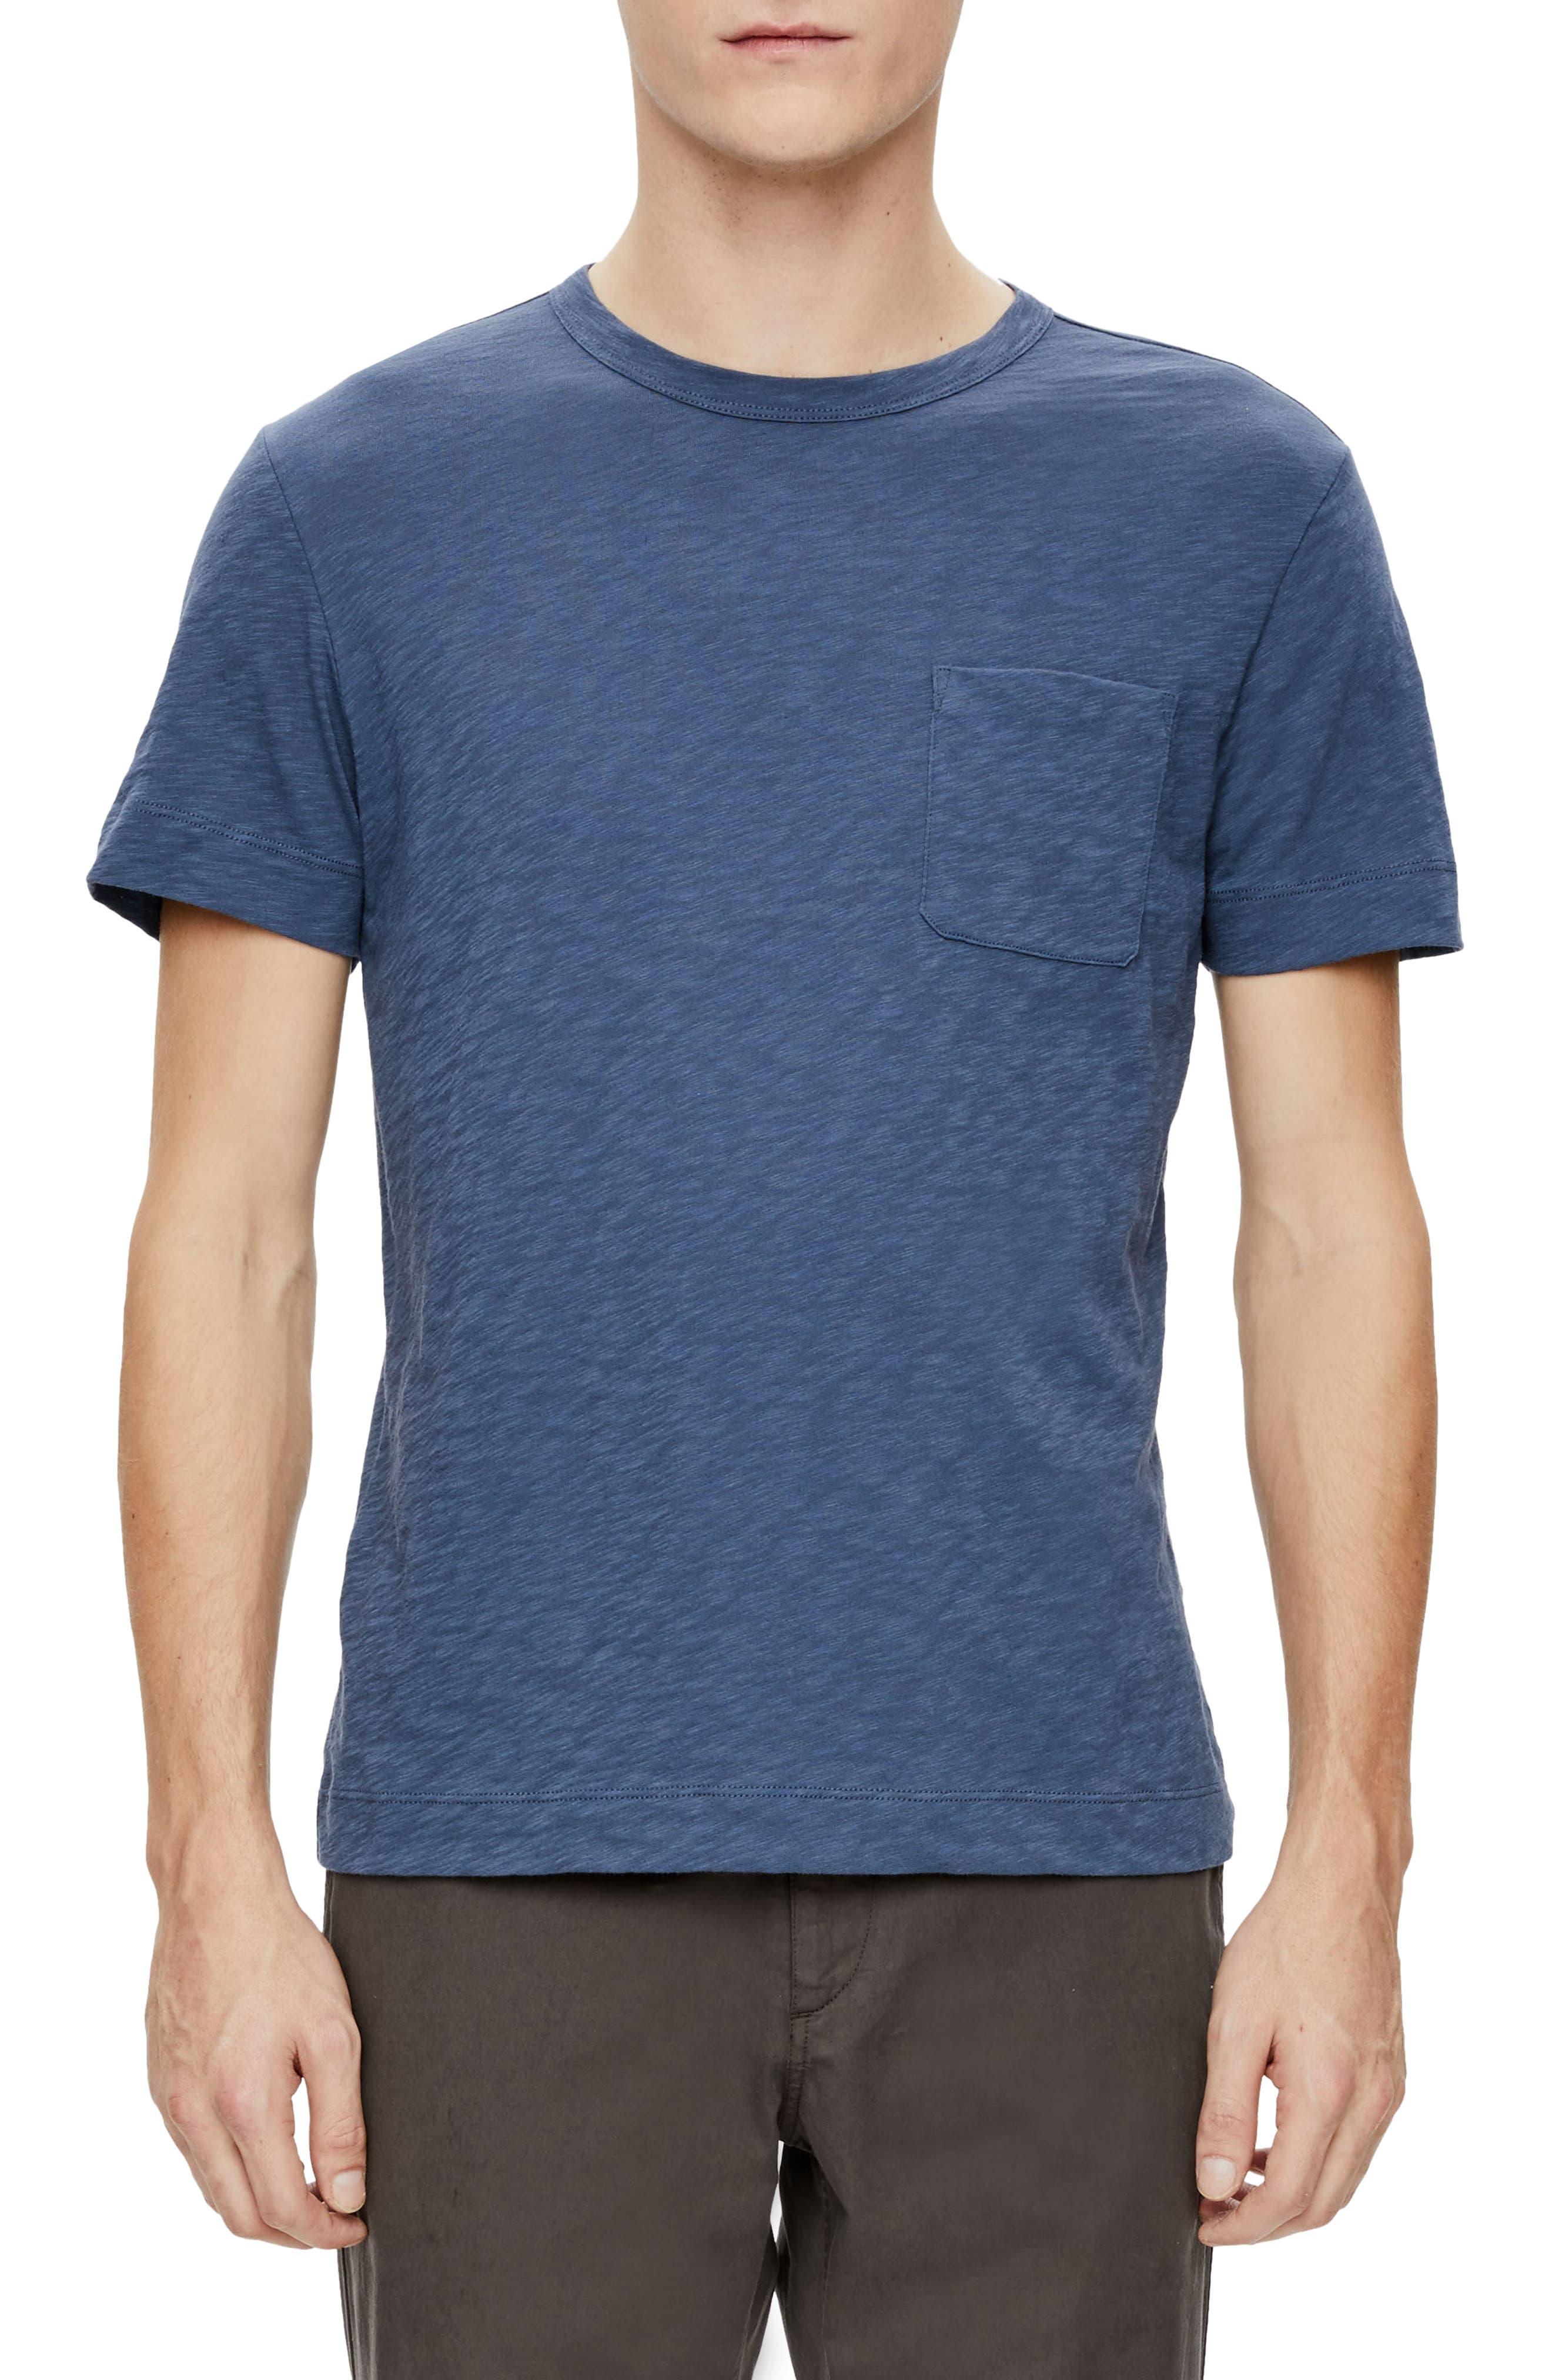 Gaskell Nebulous Slub Pocket T-Shirt,                             Main thumbnail 1, color,                             400